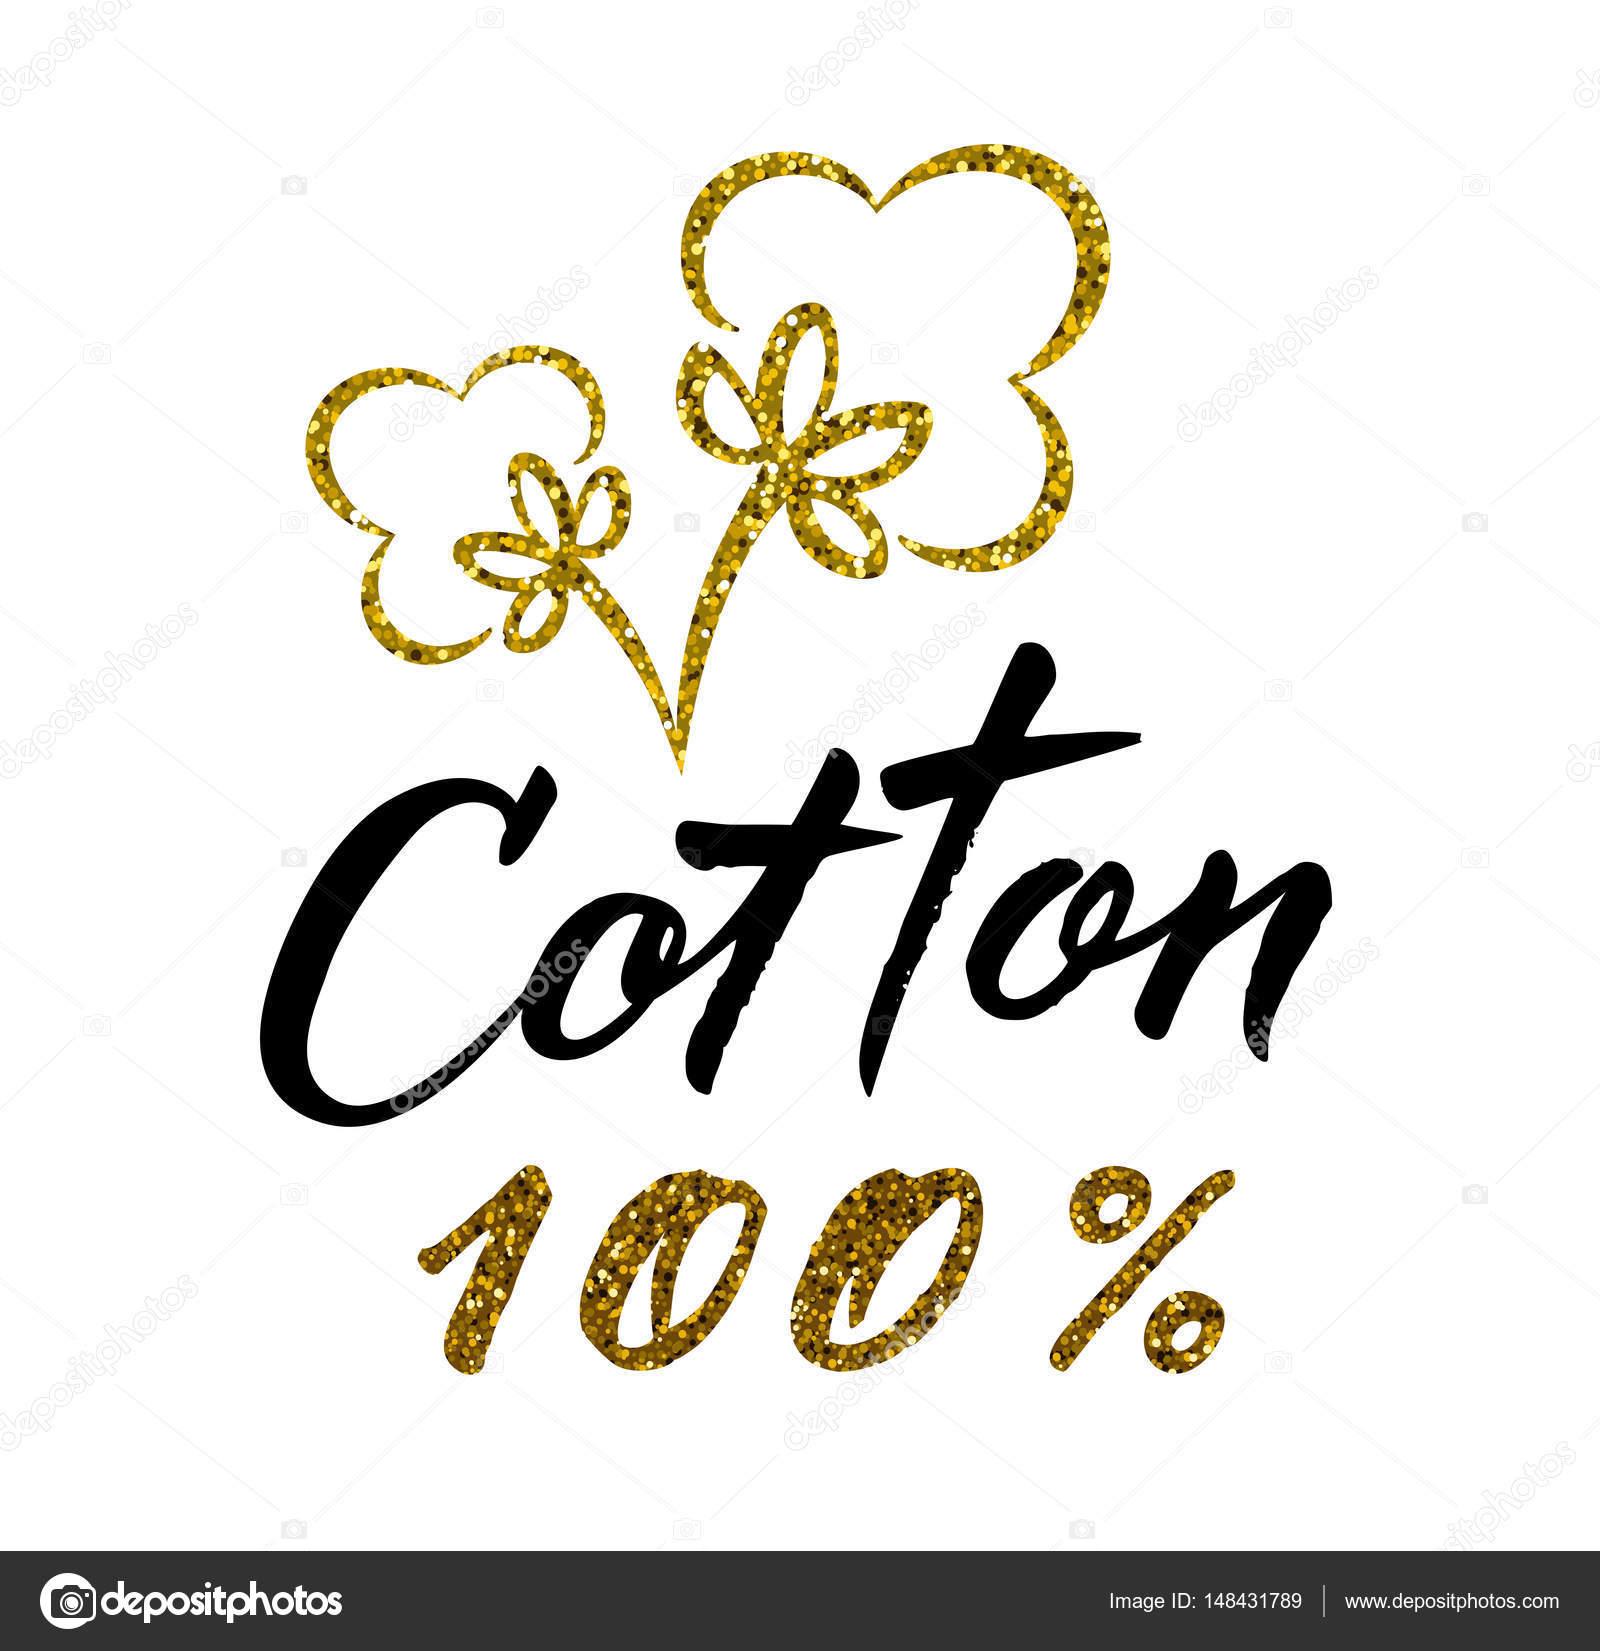 棉花100 百分号孤立在白色的背景下,矢量图– 图库插图